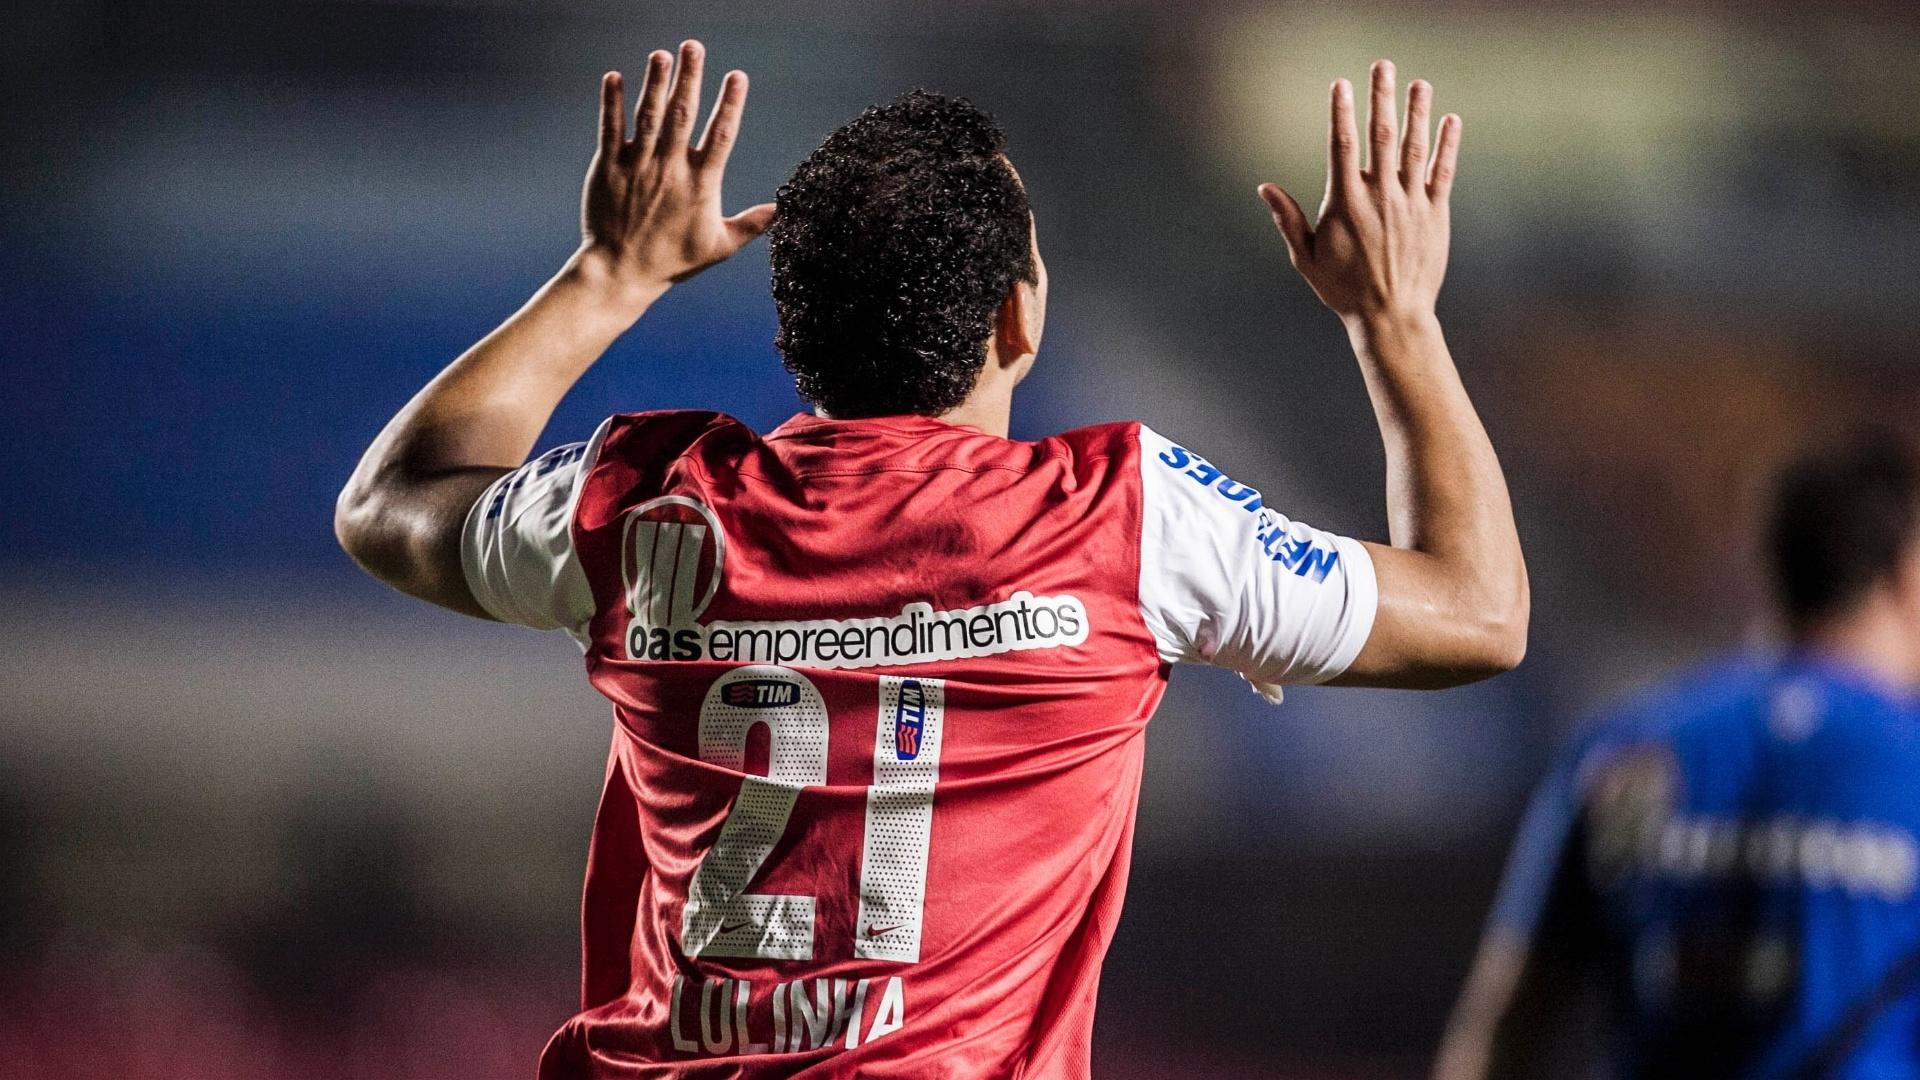 Lulinha foi escalado como titular para enfrentar o São Paulo no jogo de volta da Copa Sul-Americana